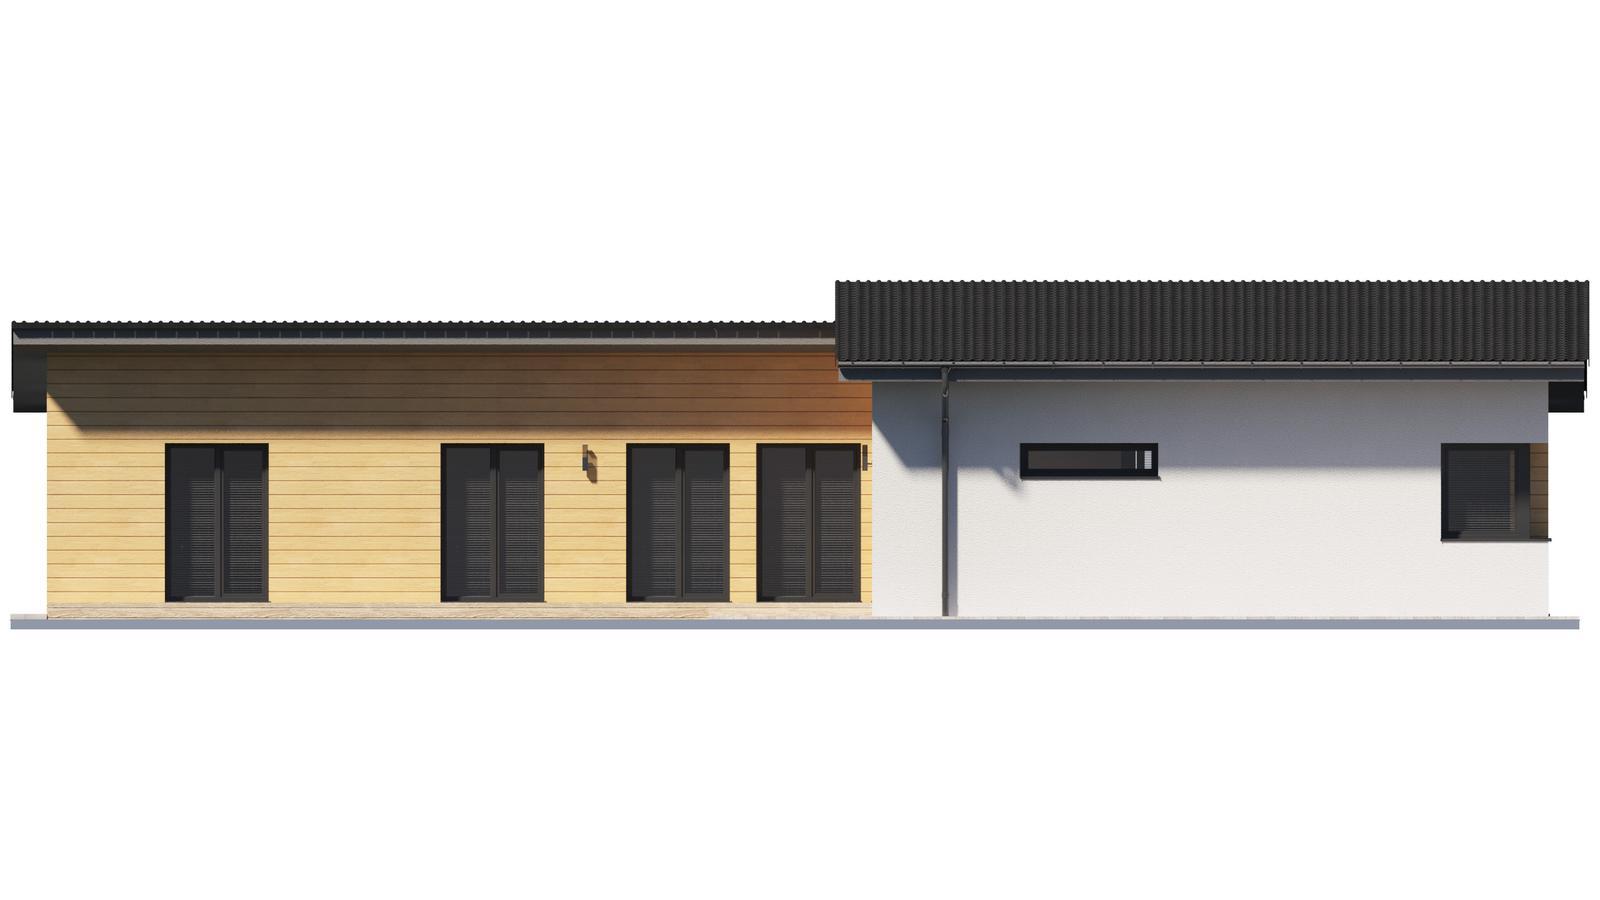 Ďalšie ukážky návrhov domčekov pre Vás - www.rodinny-dom.eu - Obrázok č. 13